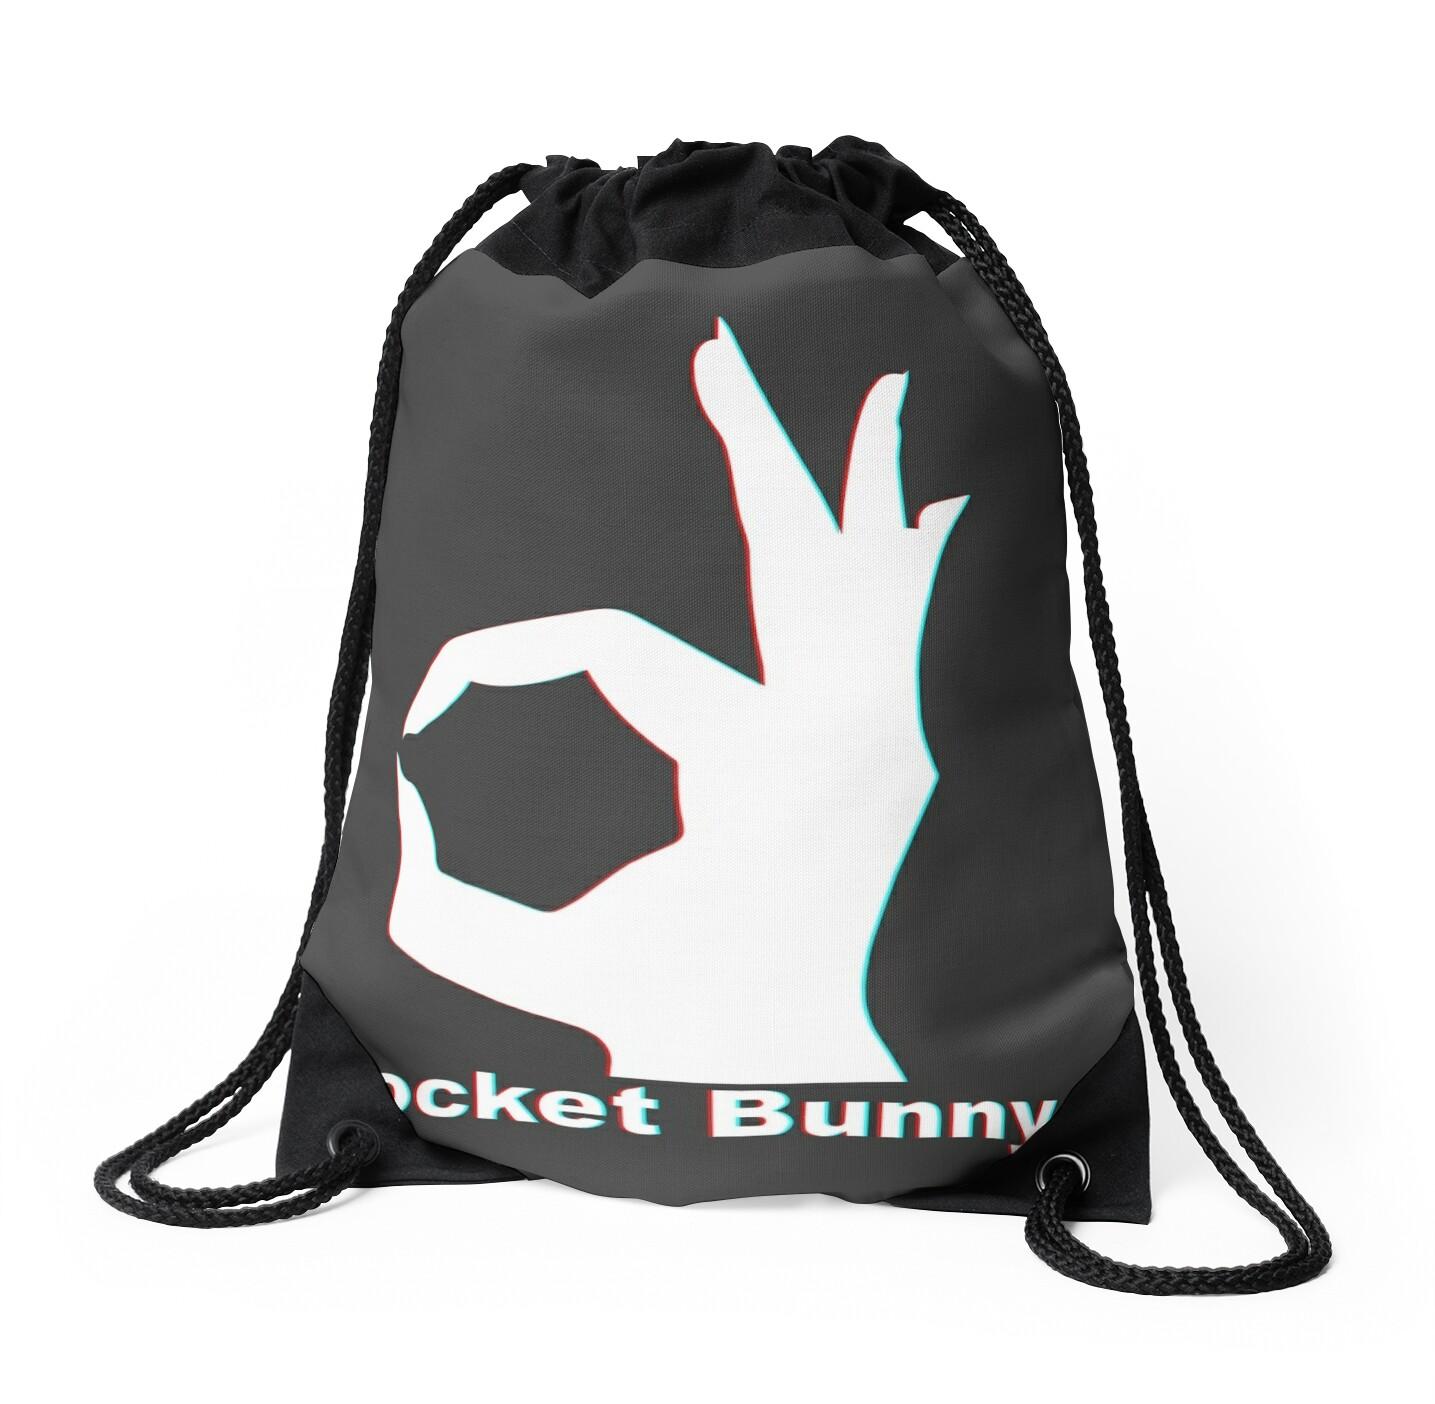 Rocket Bunny - 3D Logo